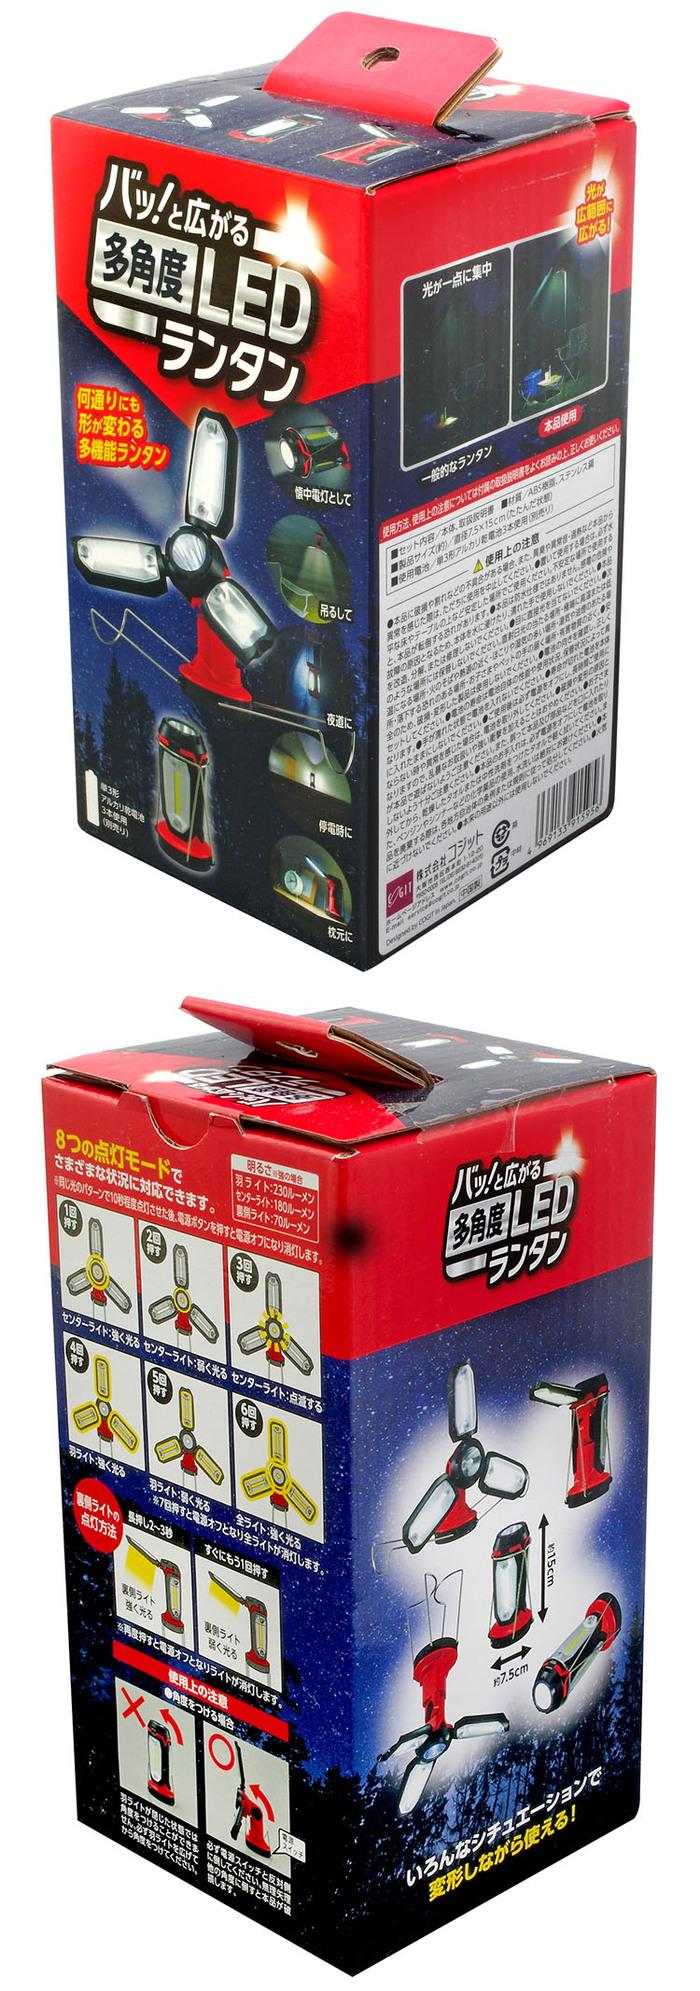 (複製)Roxane視睿|Luminus SST20-10W LED強光手電筒套組(USB-C充電;TracePro仿真光學鋁光杯;X3S)